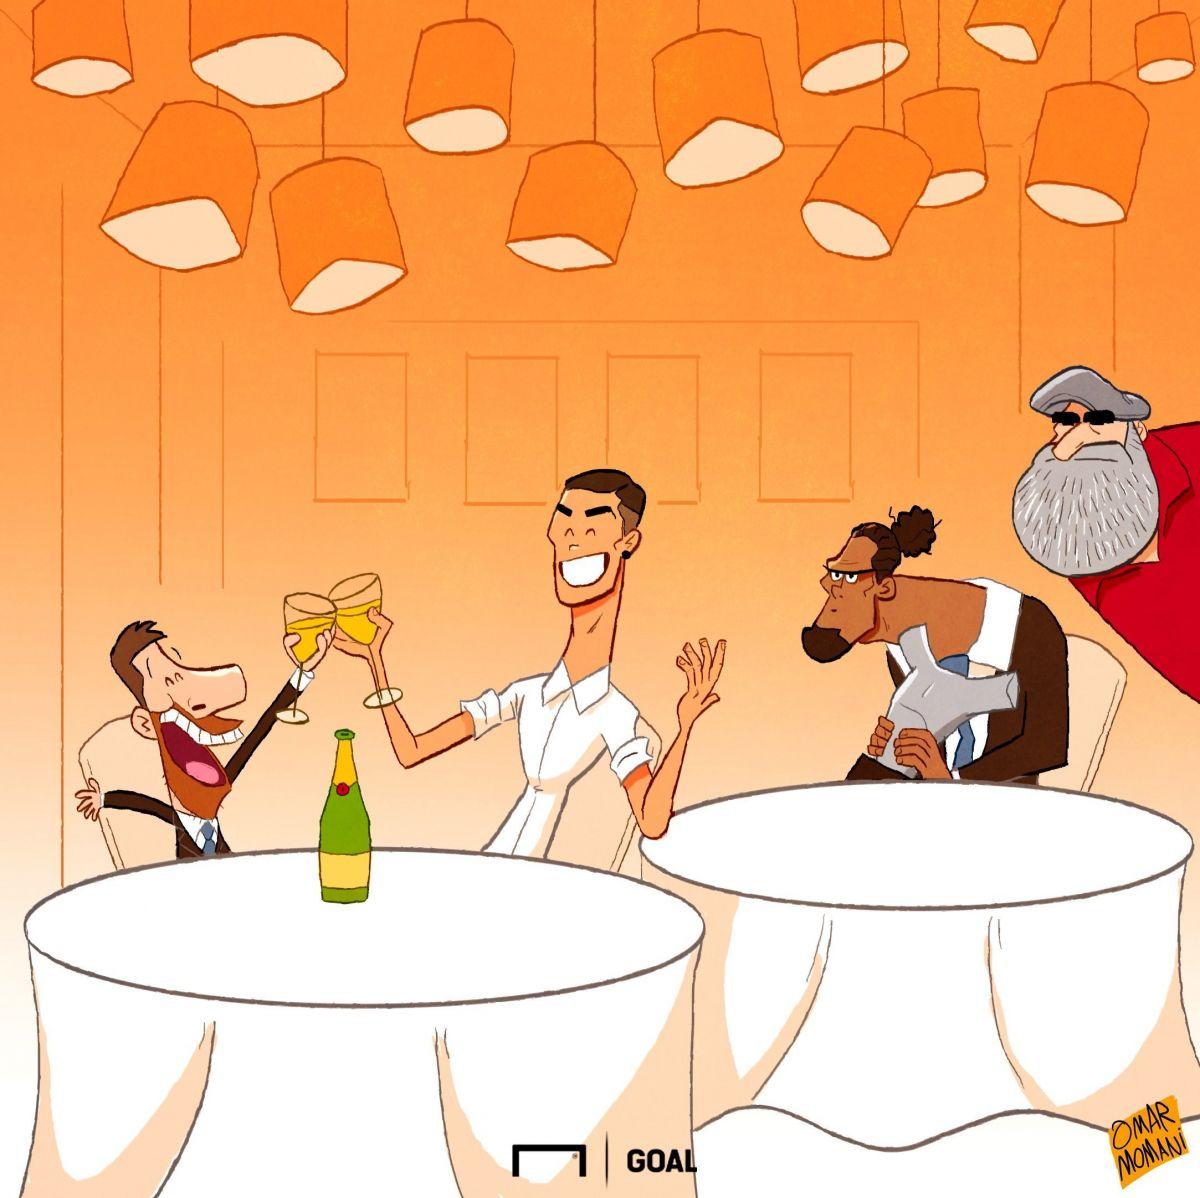 Omar Momanidan yangi karikatura: Ronaldu va Messi nihoyat birga tushlik qilishdi